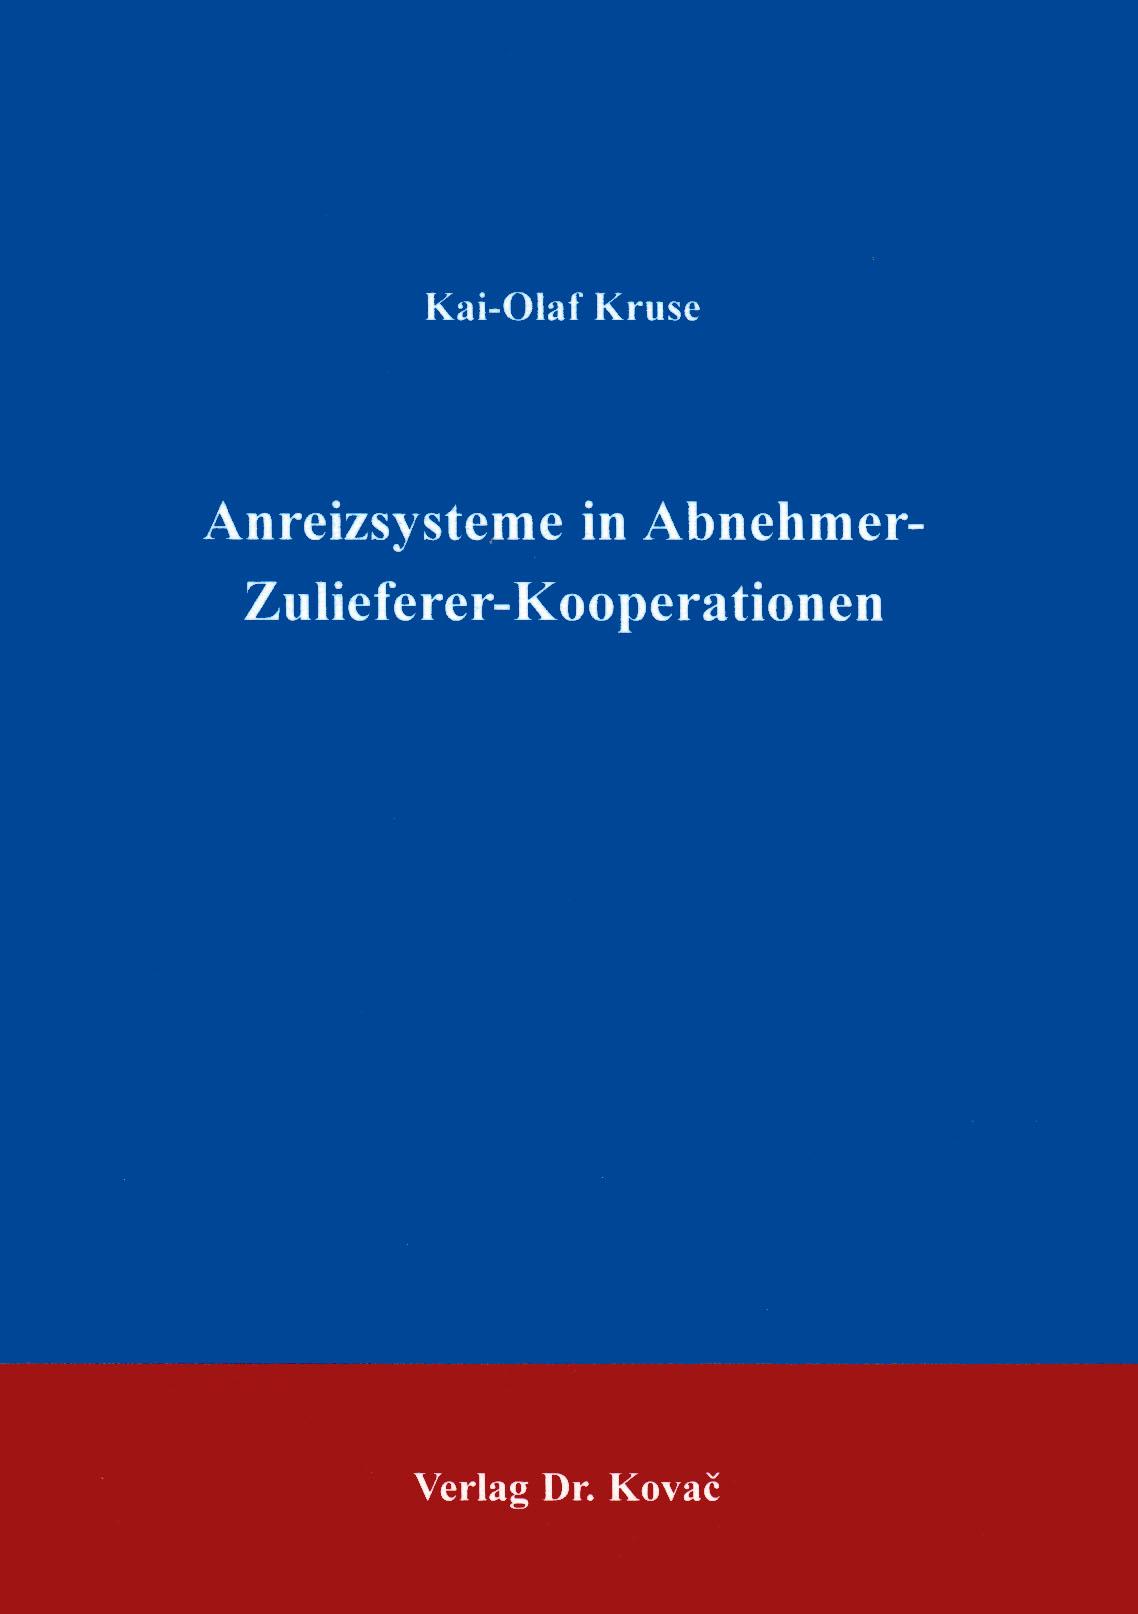 Cover: Anreizsysteme in Abnehmer-Zulieferer-Kooperationen